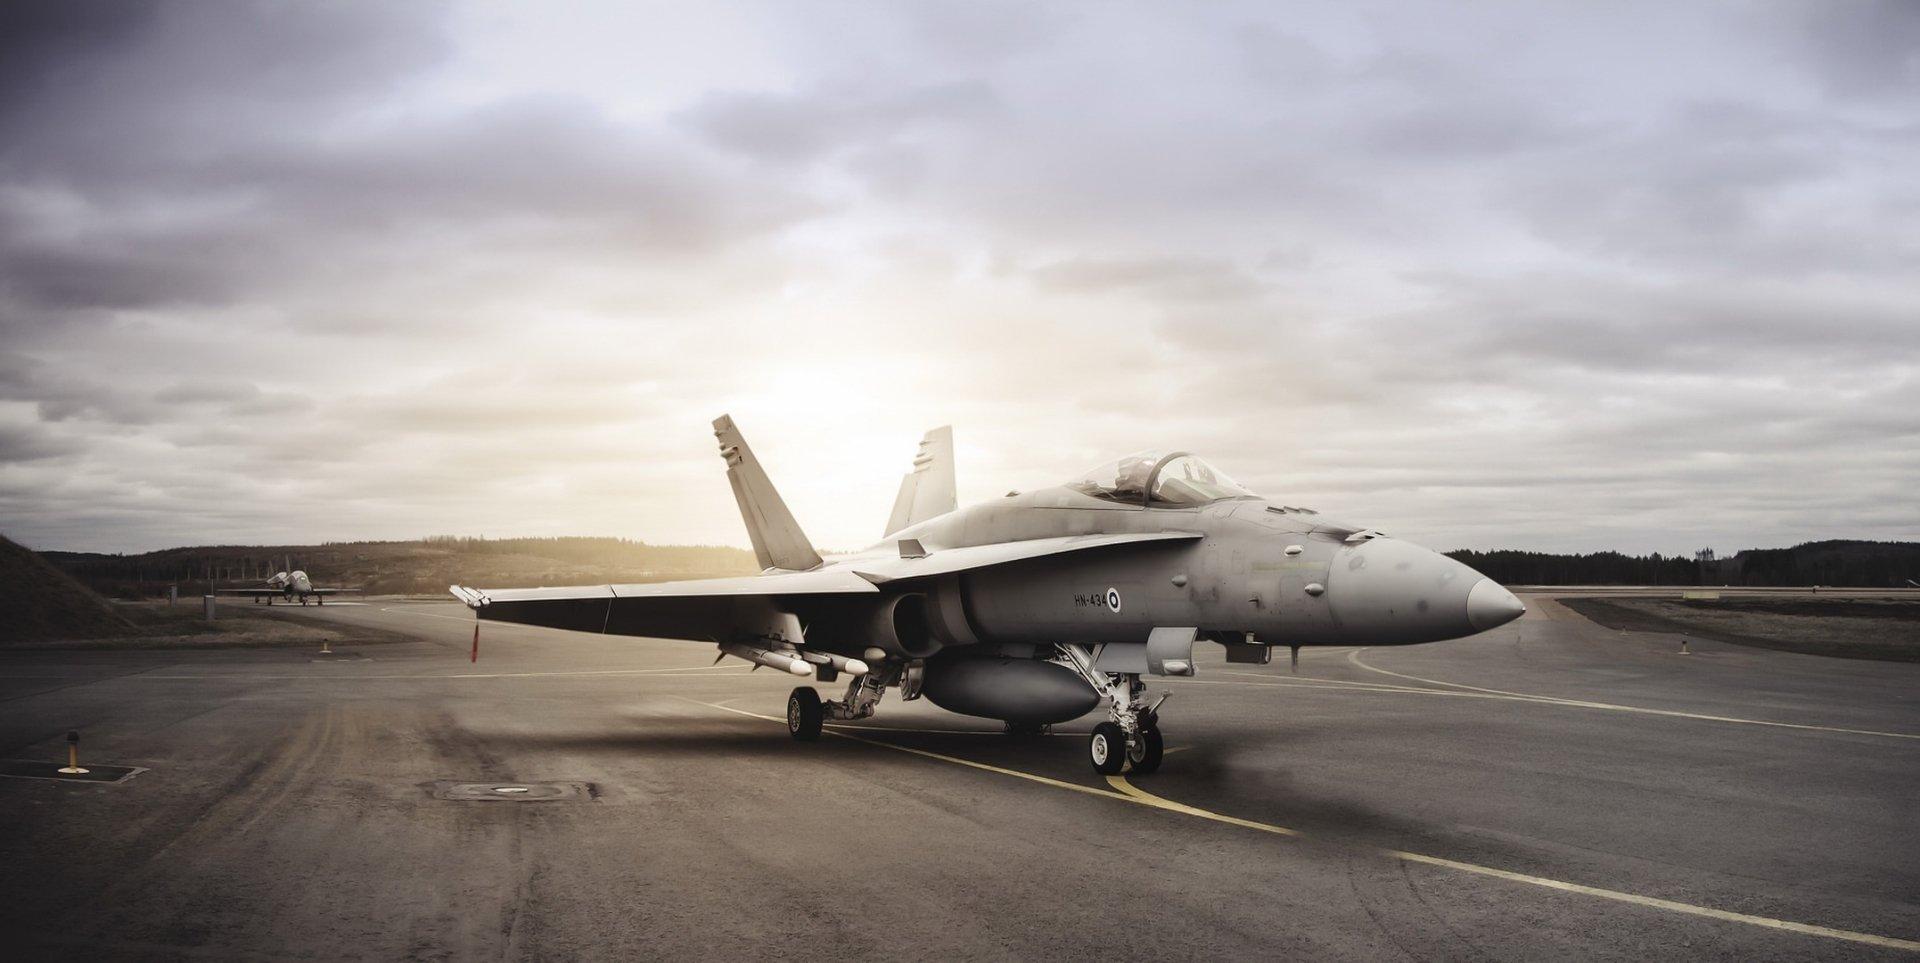 Military - McDonnell Douglas F/A-18 Hornet  Jet Fighter Aircraft Warplane Wallpaper